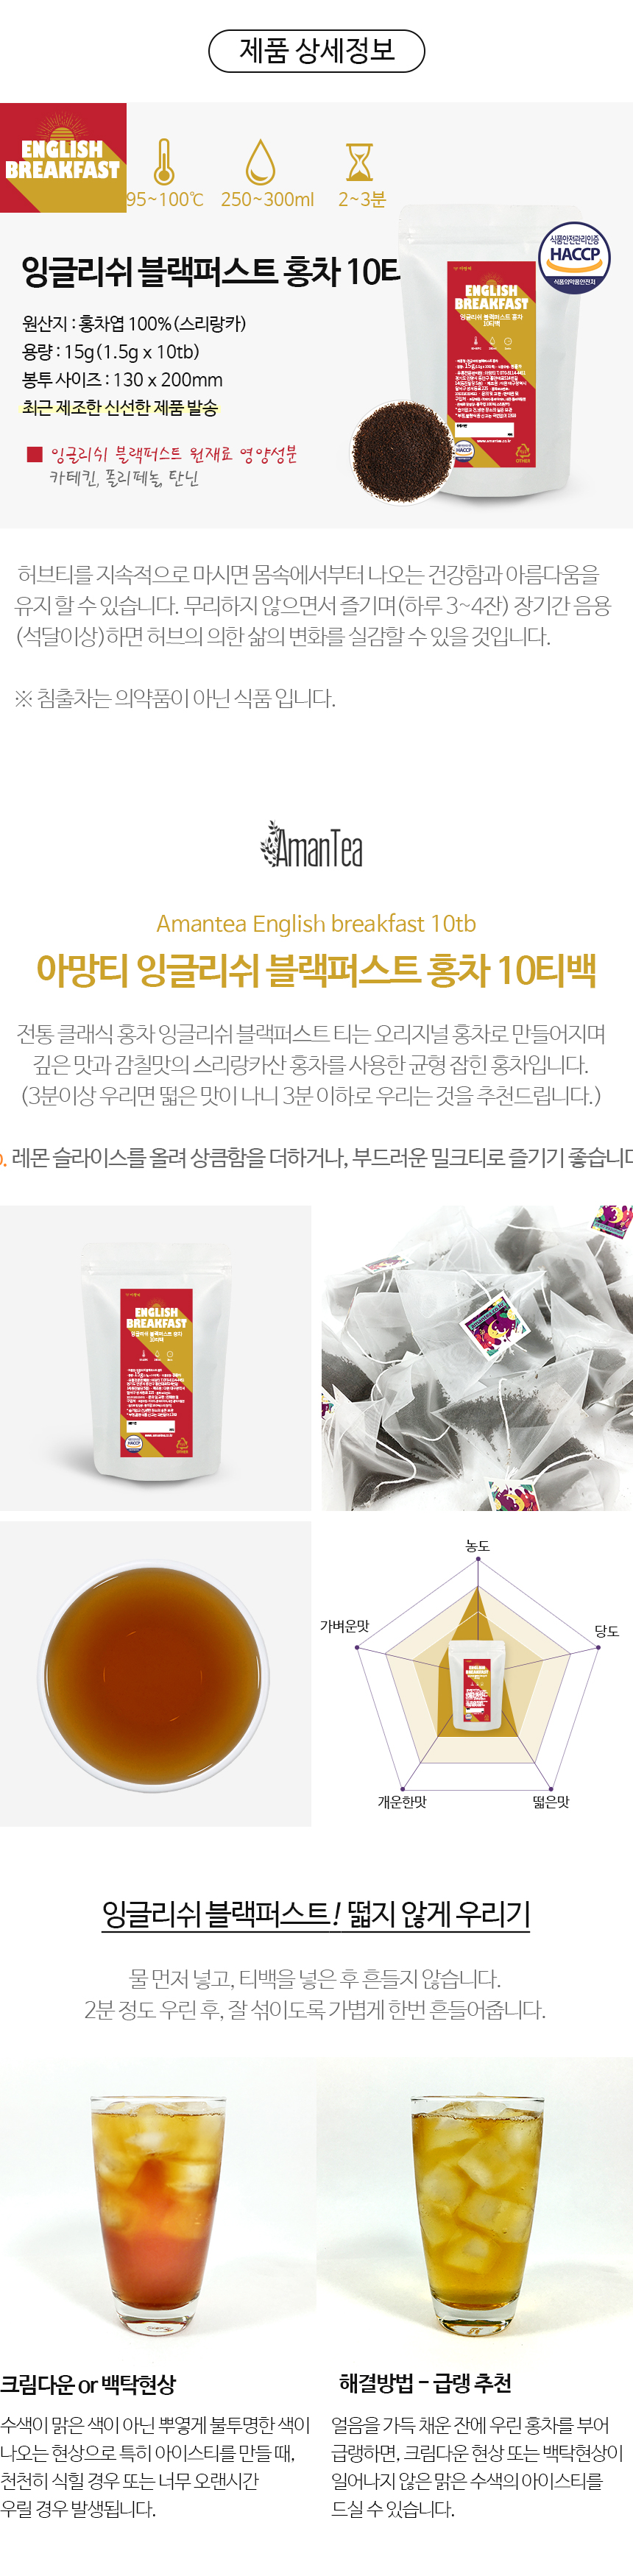 아망티 잉글리쉬블랙퍼스트 홍차 10티백 - 아망티, 4,000원, 차, 홍차